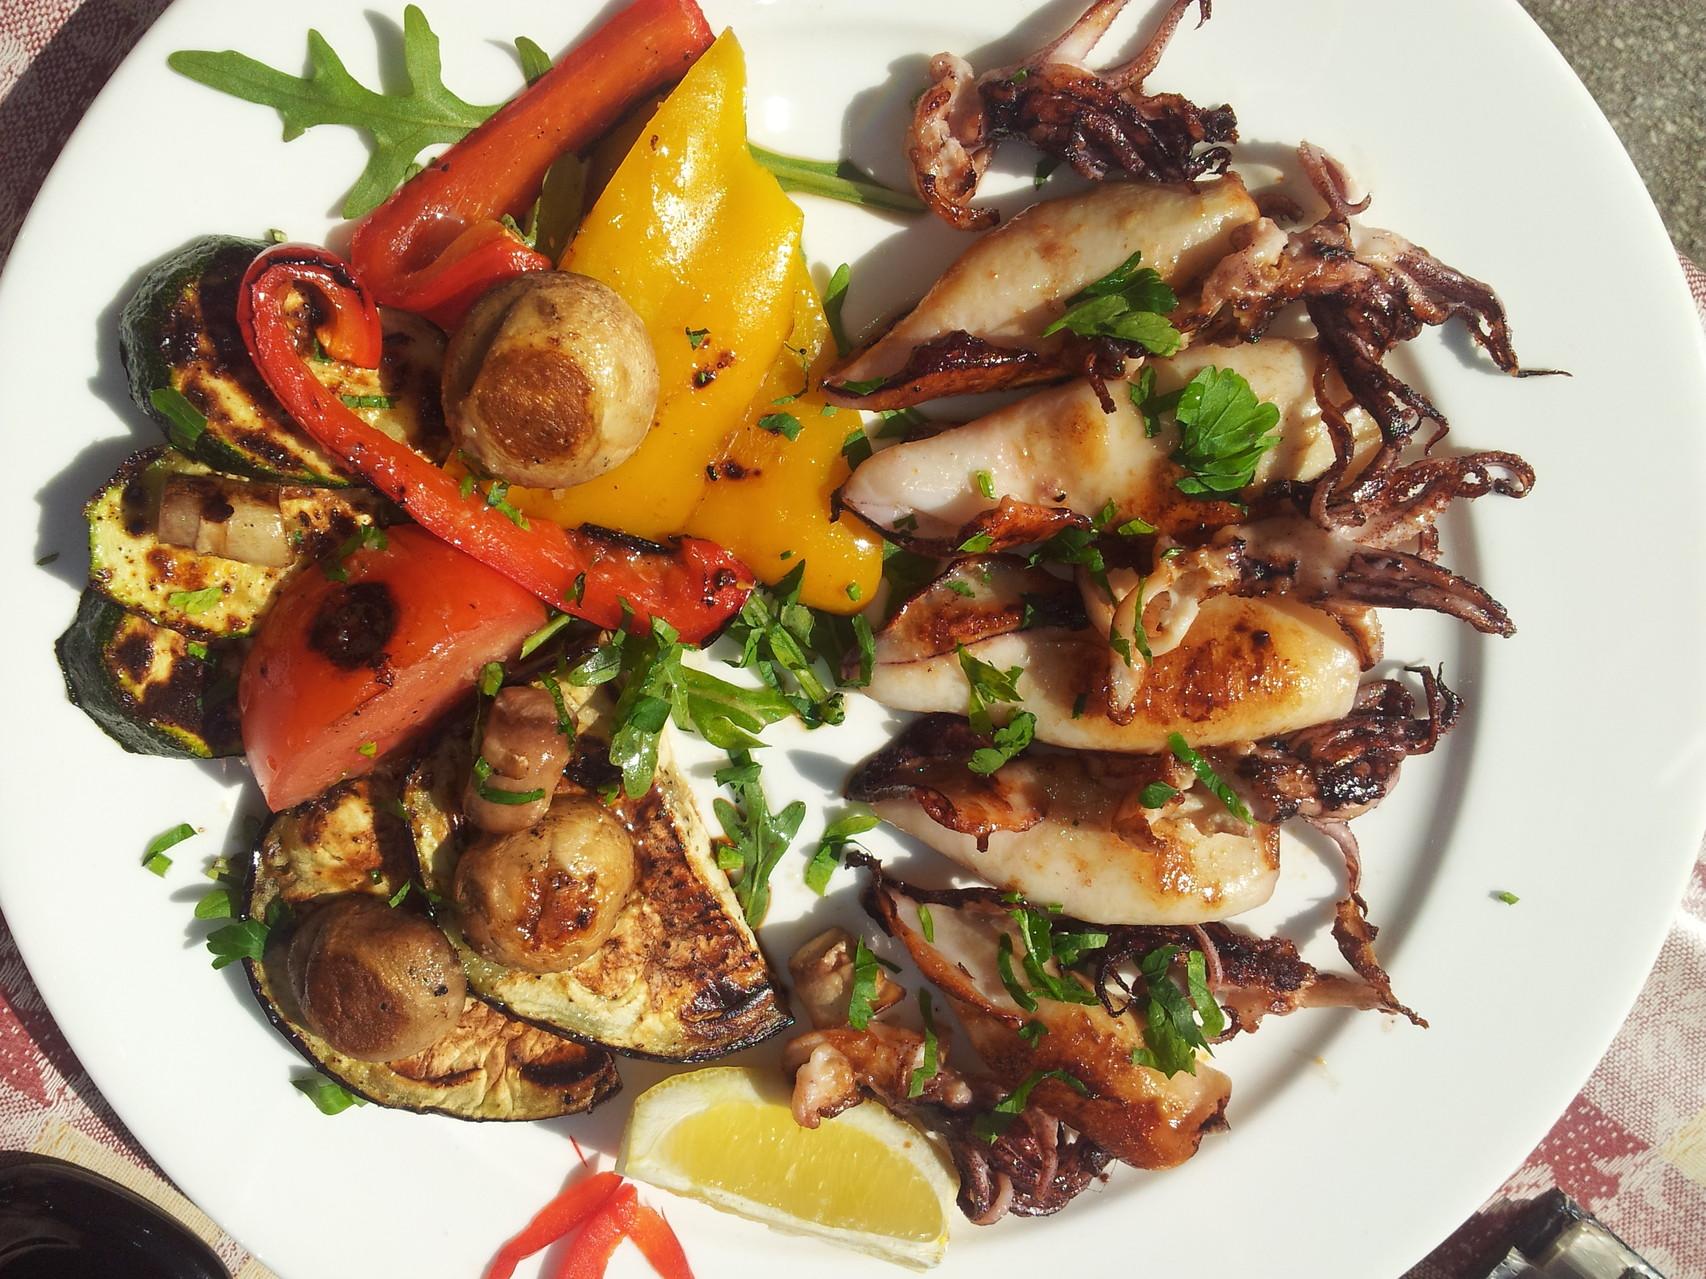 Calamars et légumes grillés....un régal pour moins de 7 euros à Pula!!